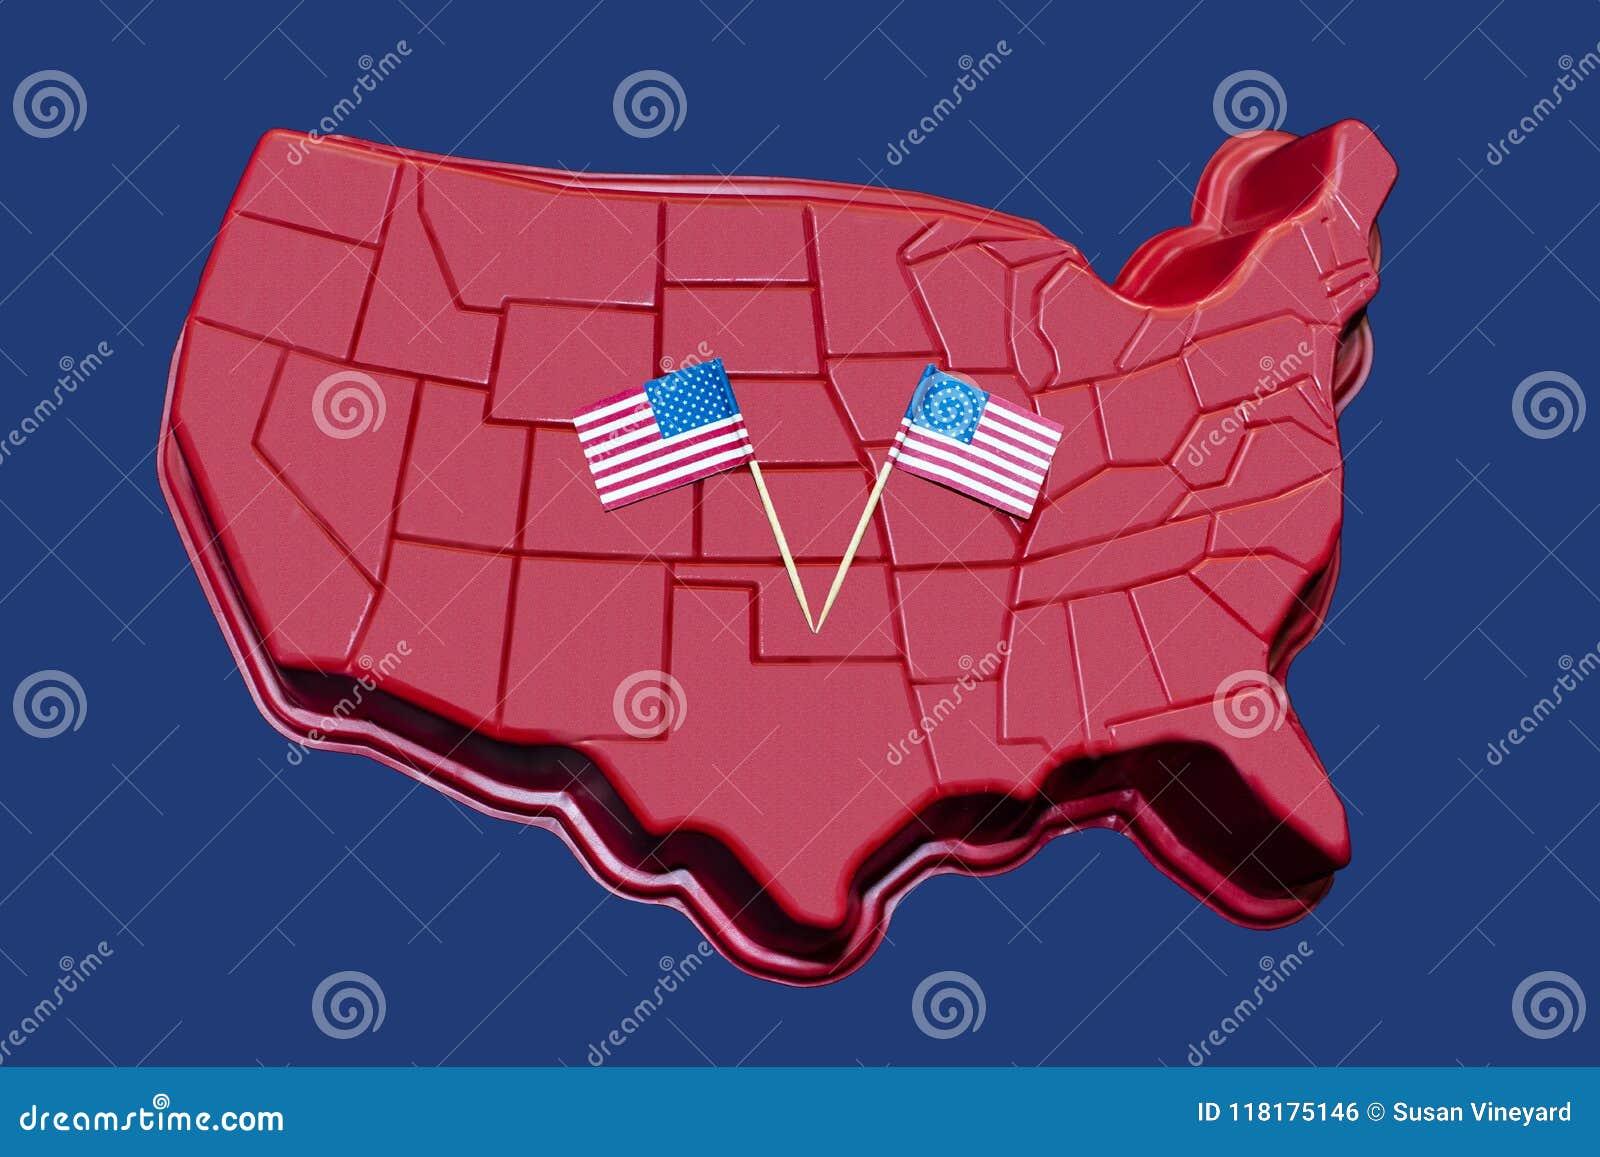 Mapa tridimensional dos E.U. continentais com as bandeiras americanas indicadas neles - fundo ou elemento patriótico